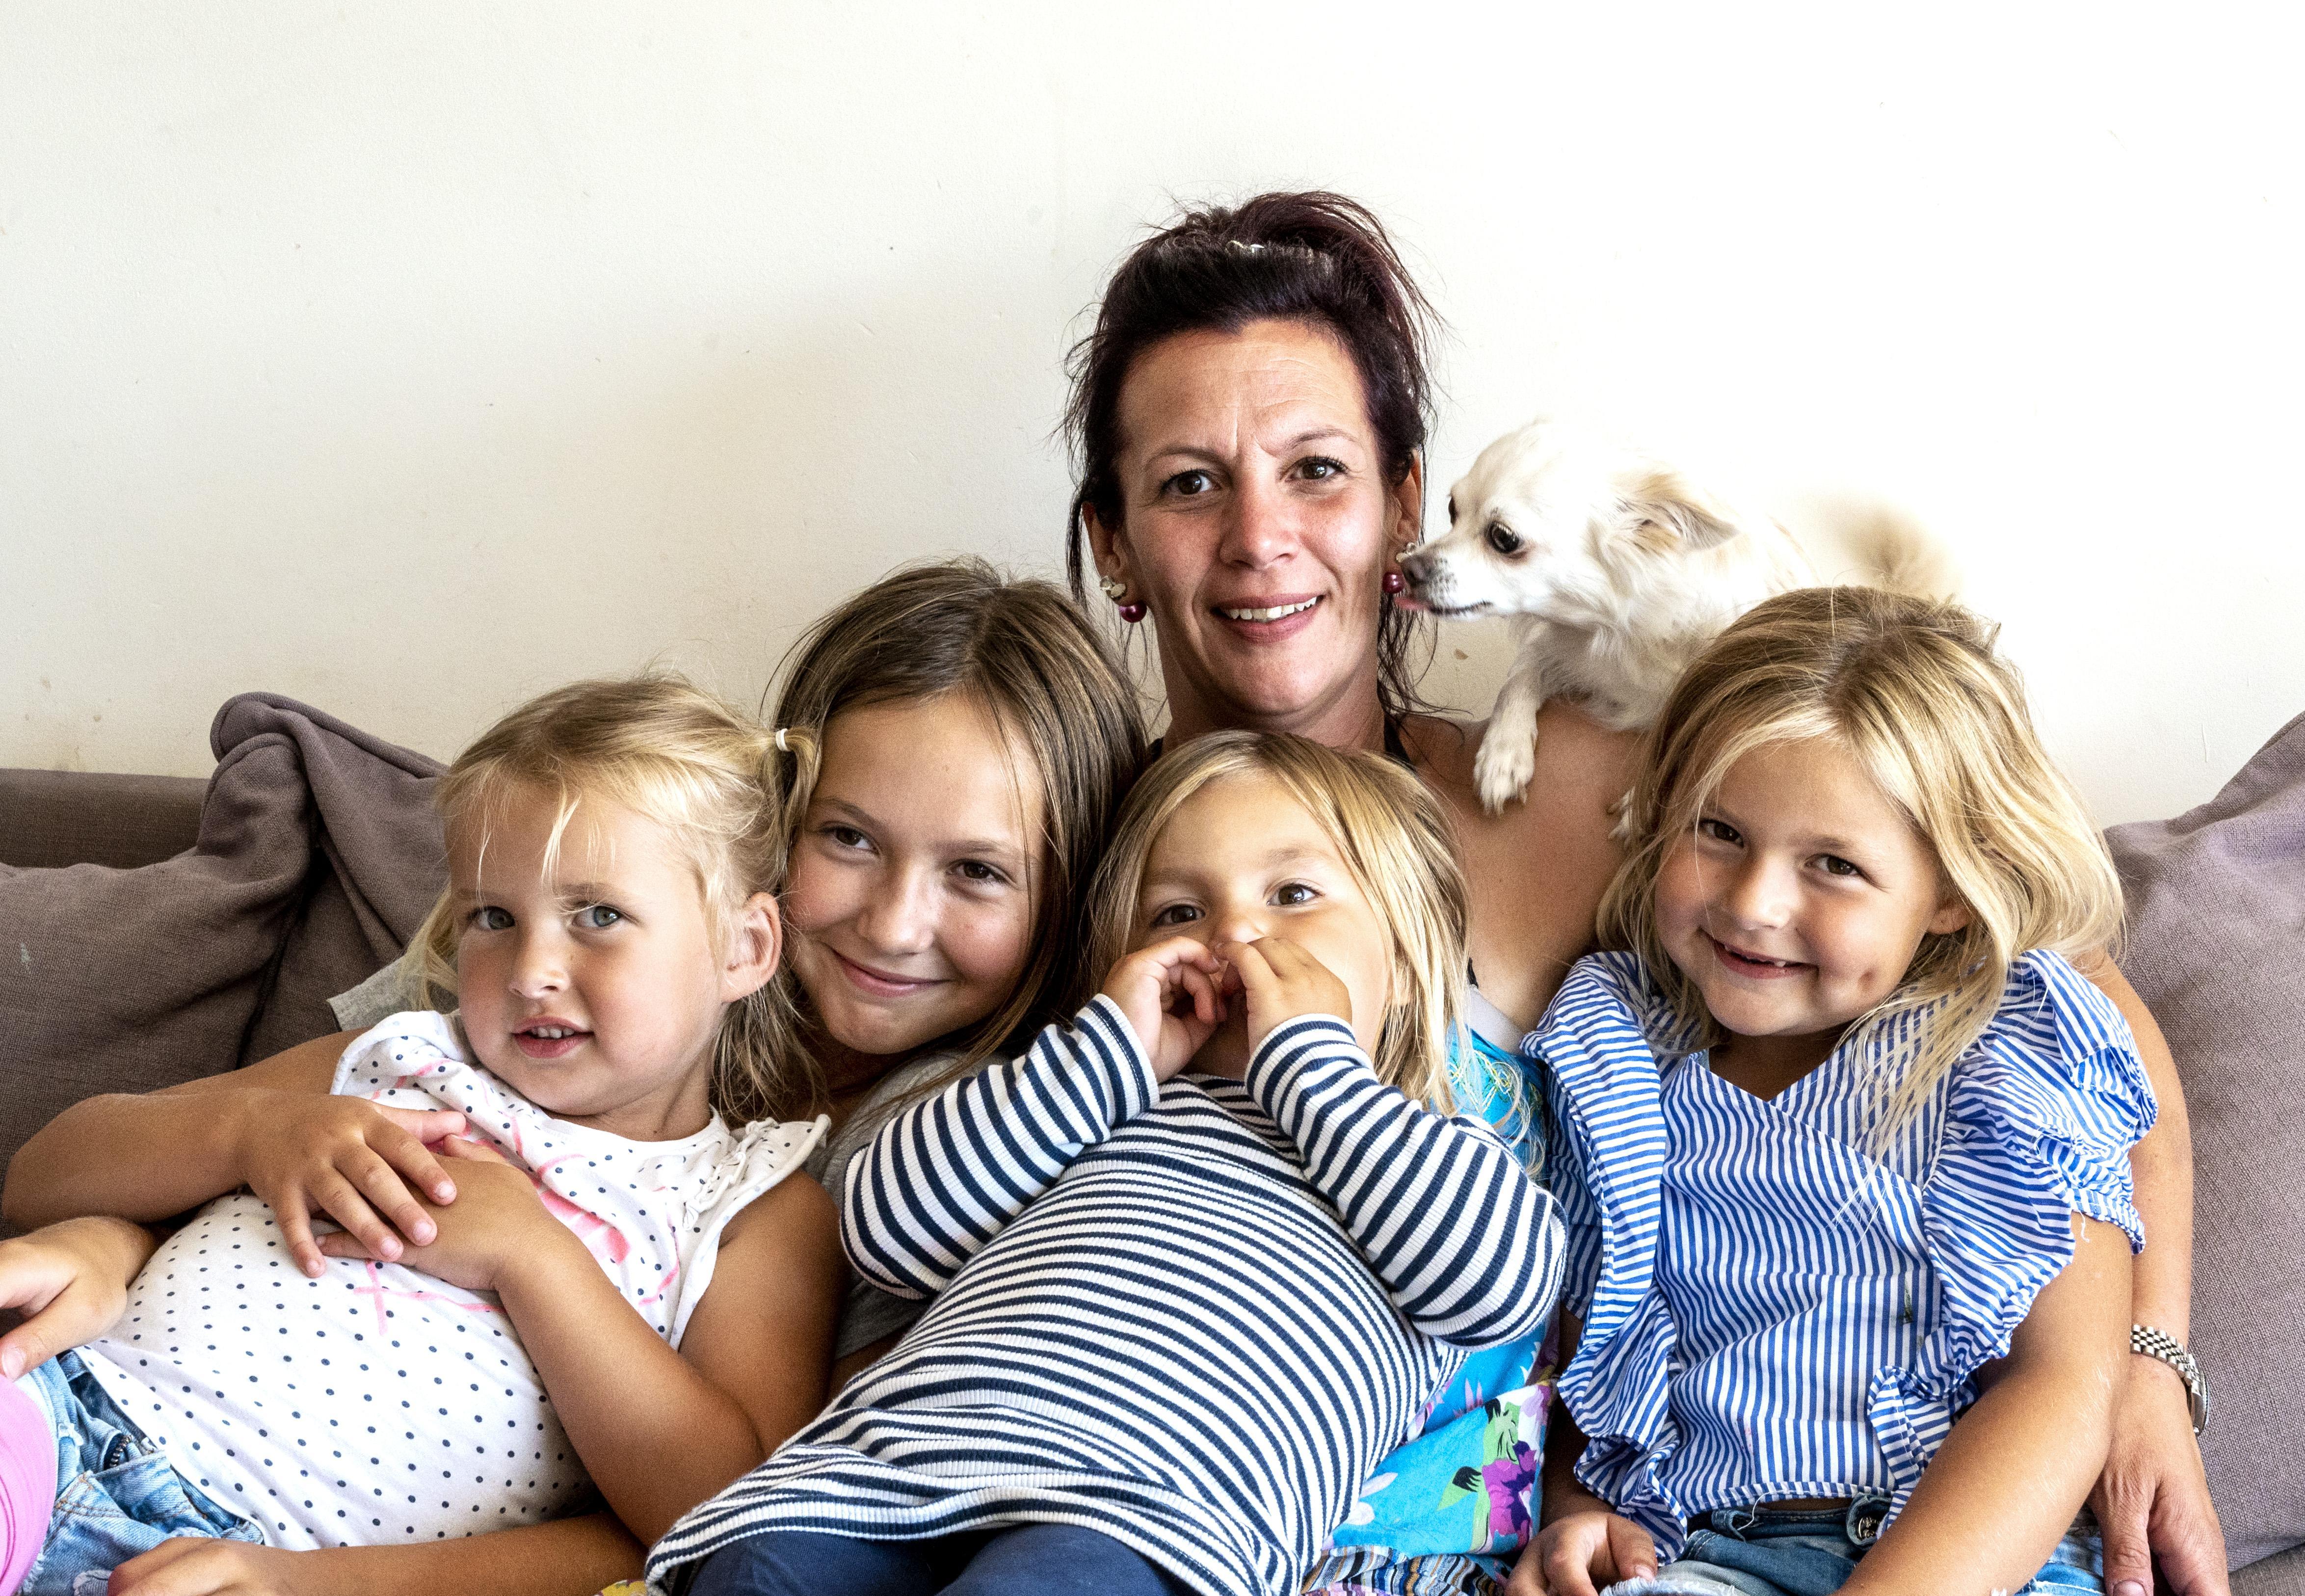 Yvonne Deijkers uit IJmuiden heeft vier kinderen en leeft van 90 euro in de week. 'Maar ik kom niks tekort, en mijn kinderen ook niet'